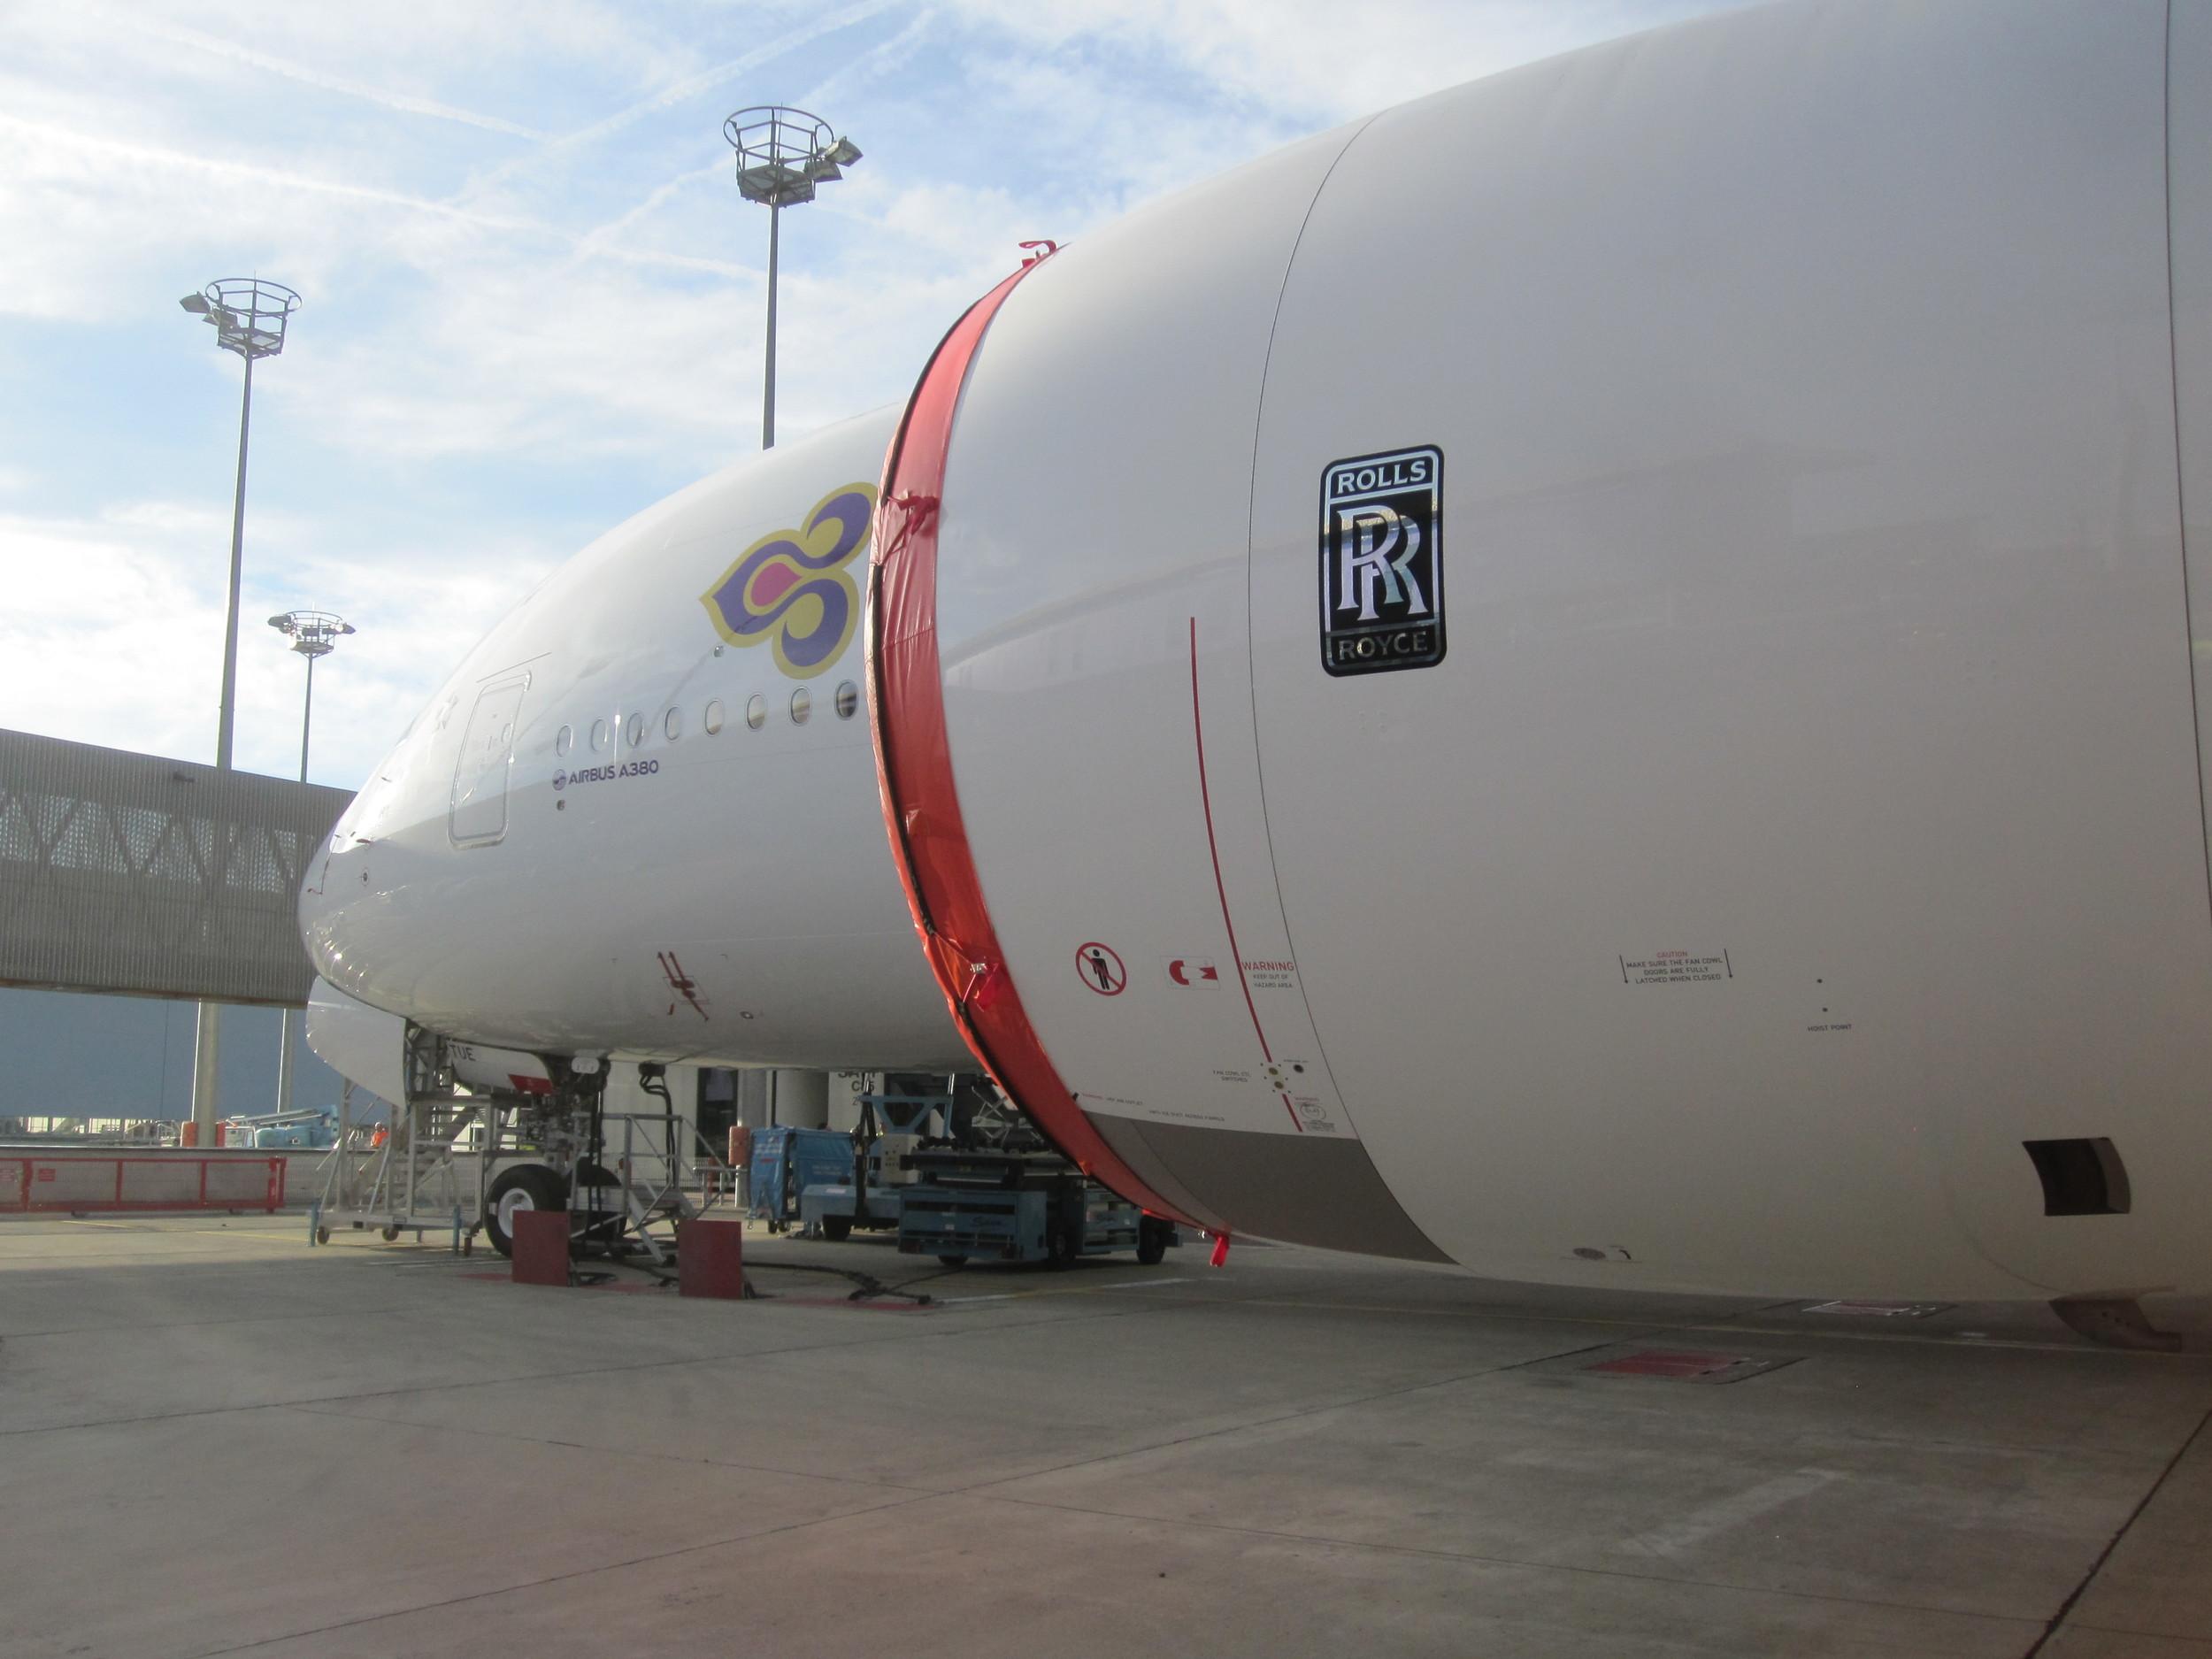 A shiny new Thai Airways Airbus A380-800